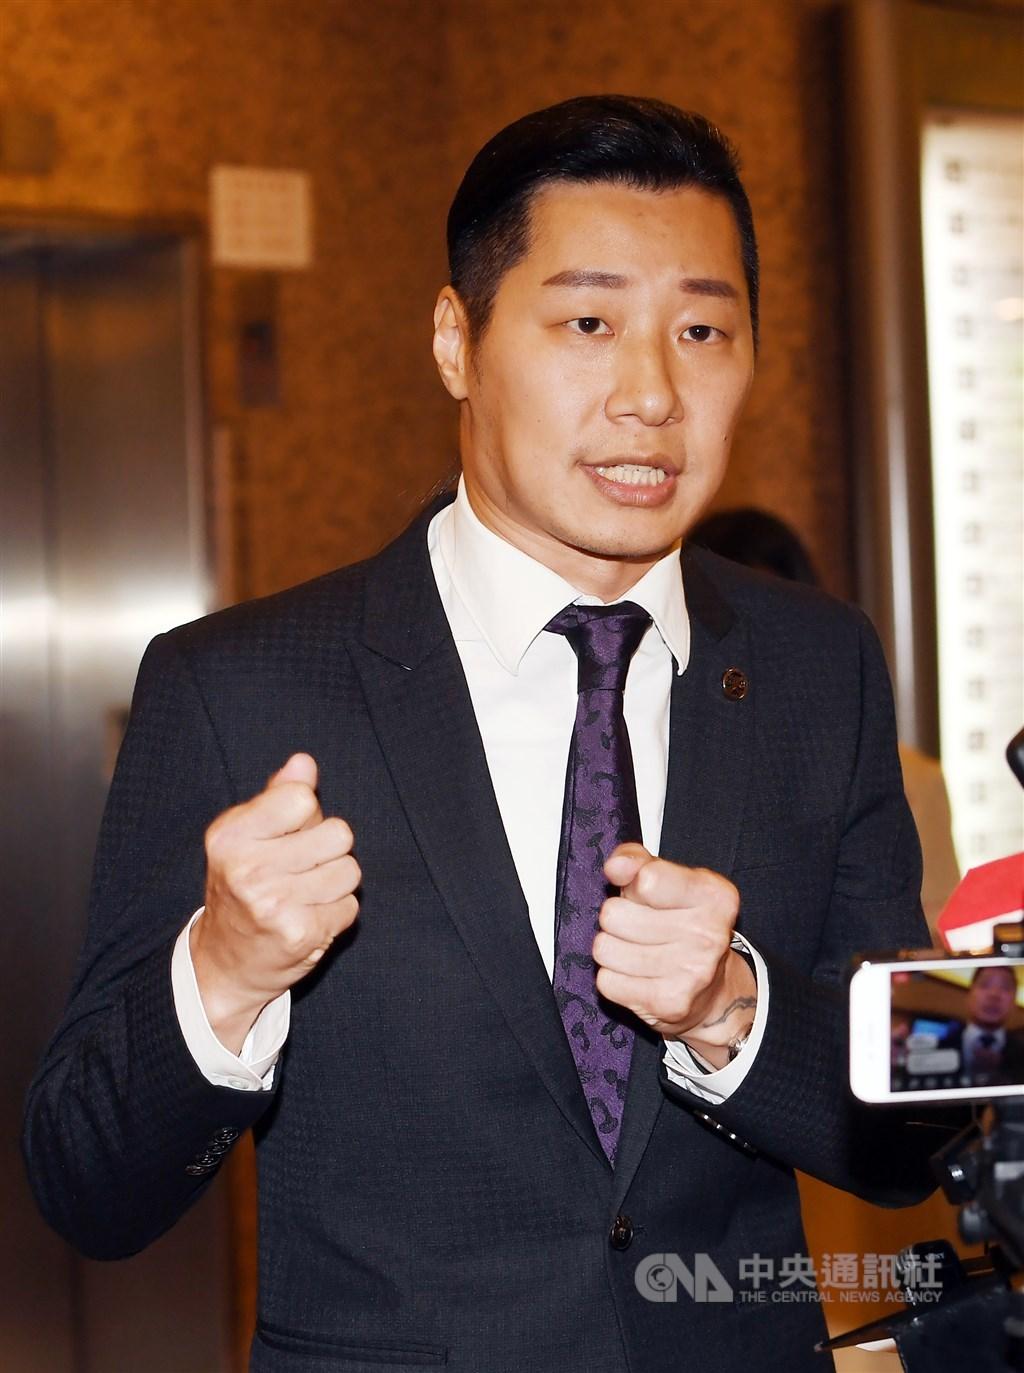 時代力量立委林昶佐(圖)1日下午舉行記者會宣布,他即刻退出時代力量,以無黨籍身分投入台北市第五選區立委選戰。中央社記者施宗暉攝 108年8月1日